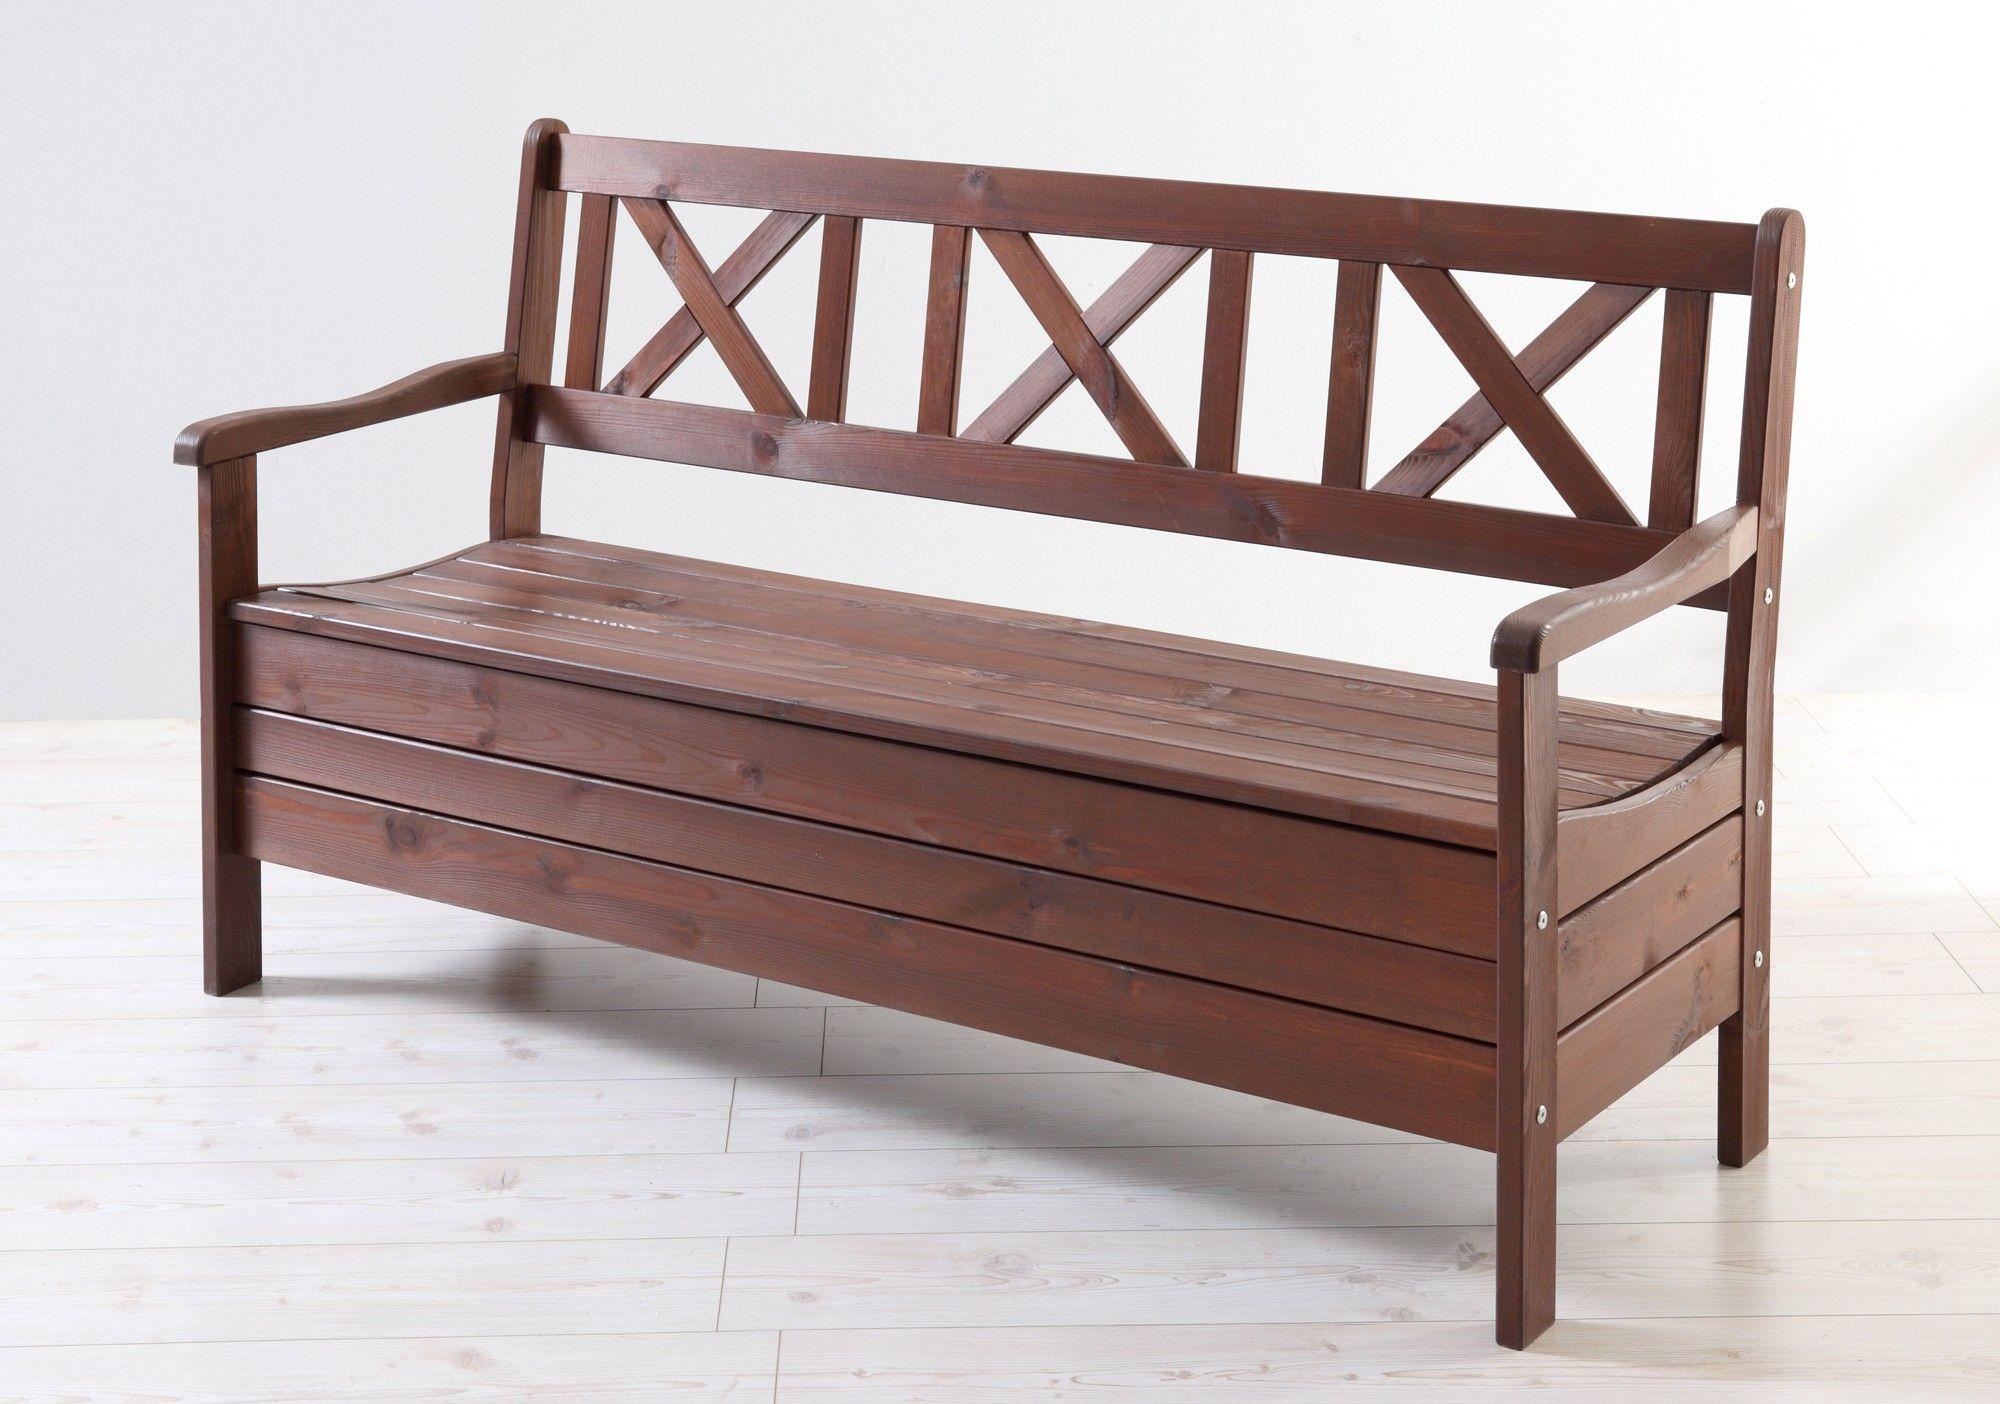 Gartenbank Mit Stauraum Holz 3 Sitzer Massiv Braun Gartenbank